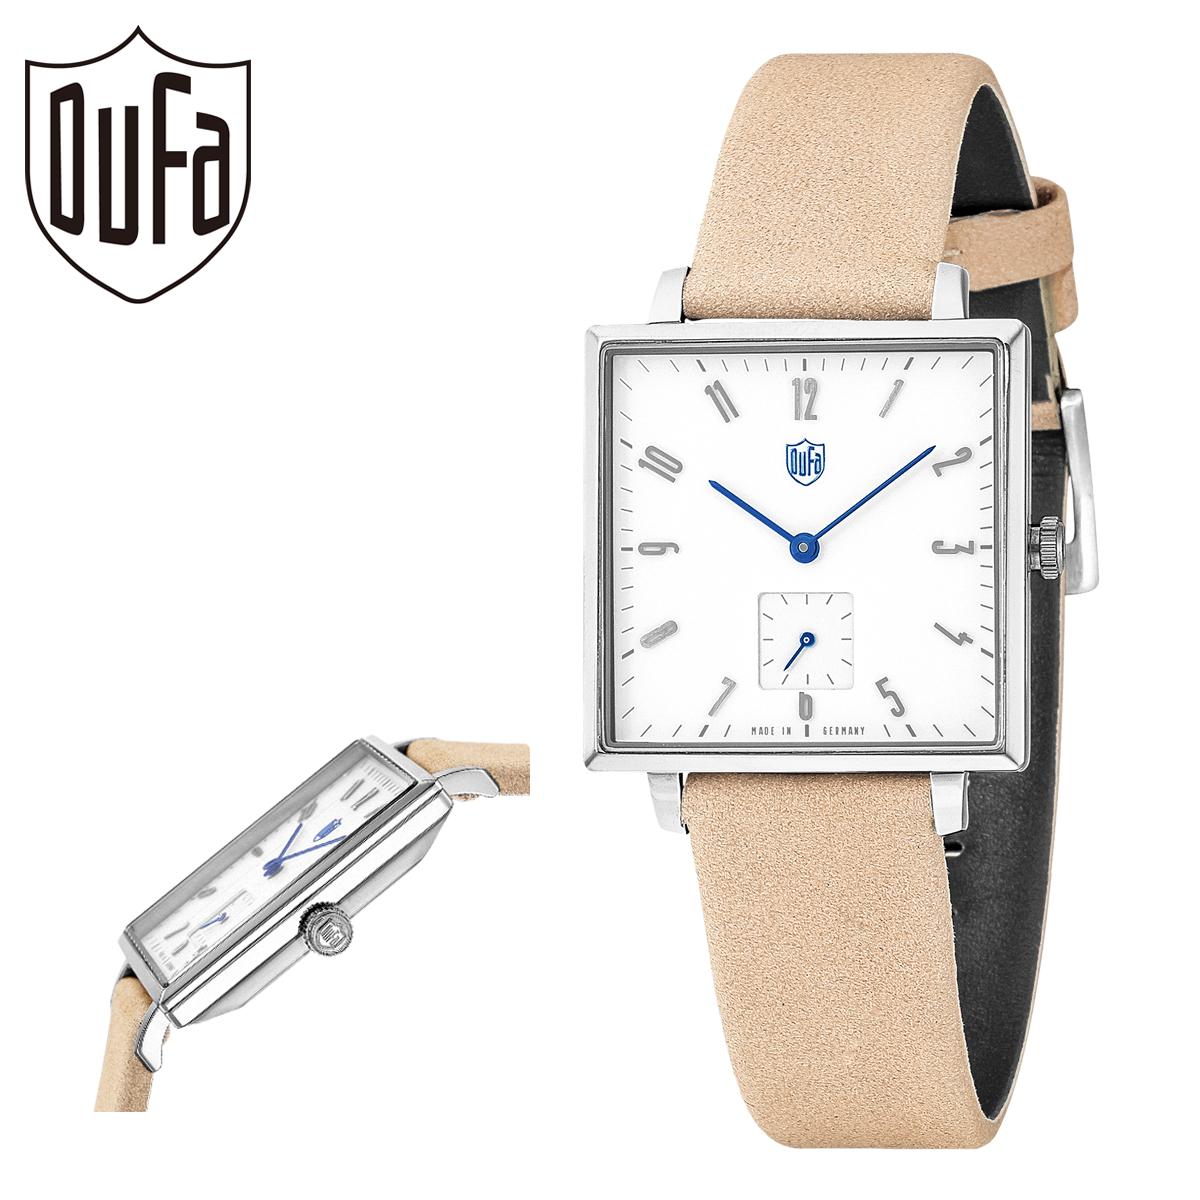 日本メーカー新品 送料無料 ドゥッファ 腕時計 グロピウススクエア DF-9025-01 メンズ bef 本革 PO10 ミネラルガラス ステンレススチール プレゼント DUFA